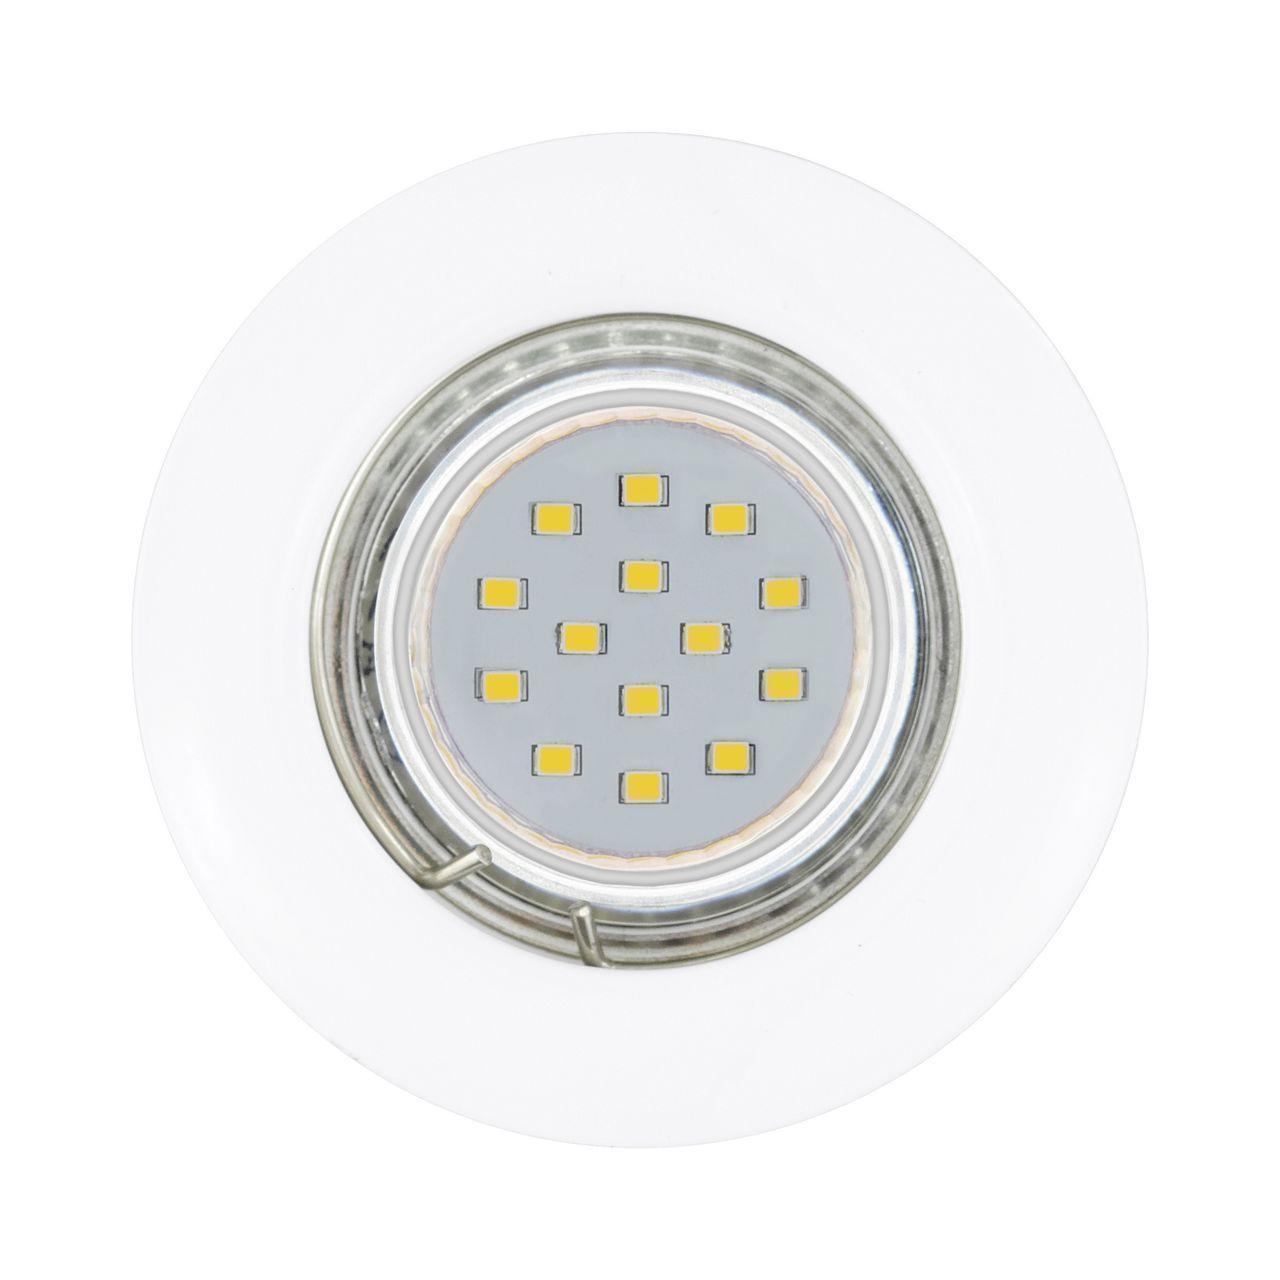 Встраиваемый светильник Eglo Peneto 94235 eglo встраиваемый светильник eglo peneto 94239